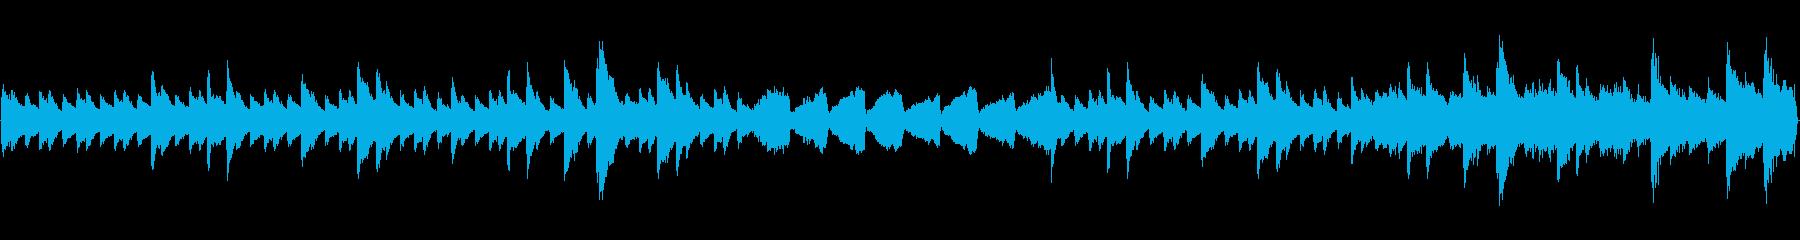 ミステリーホラーピアノオーケストラループの再生済みの波形